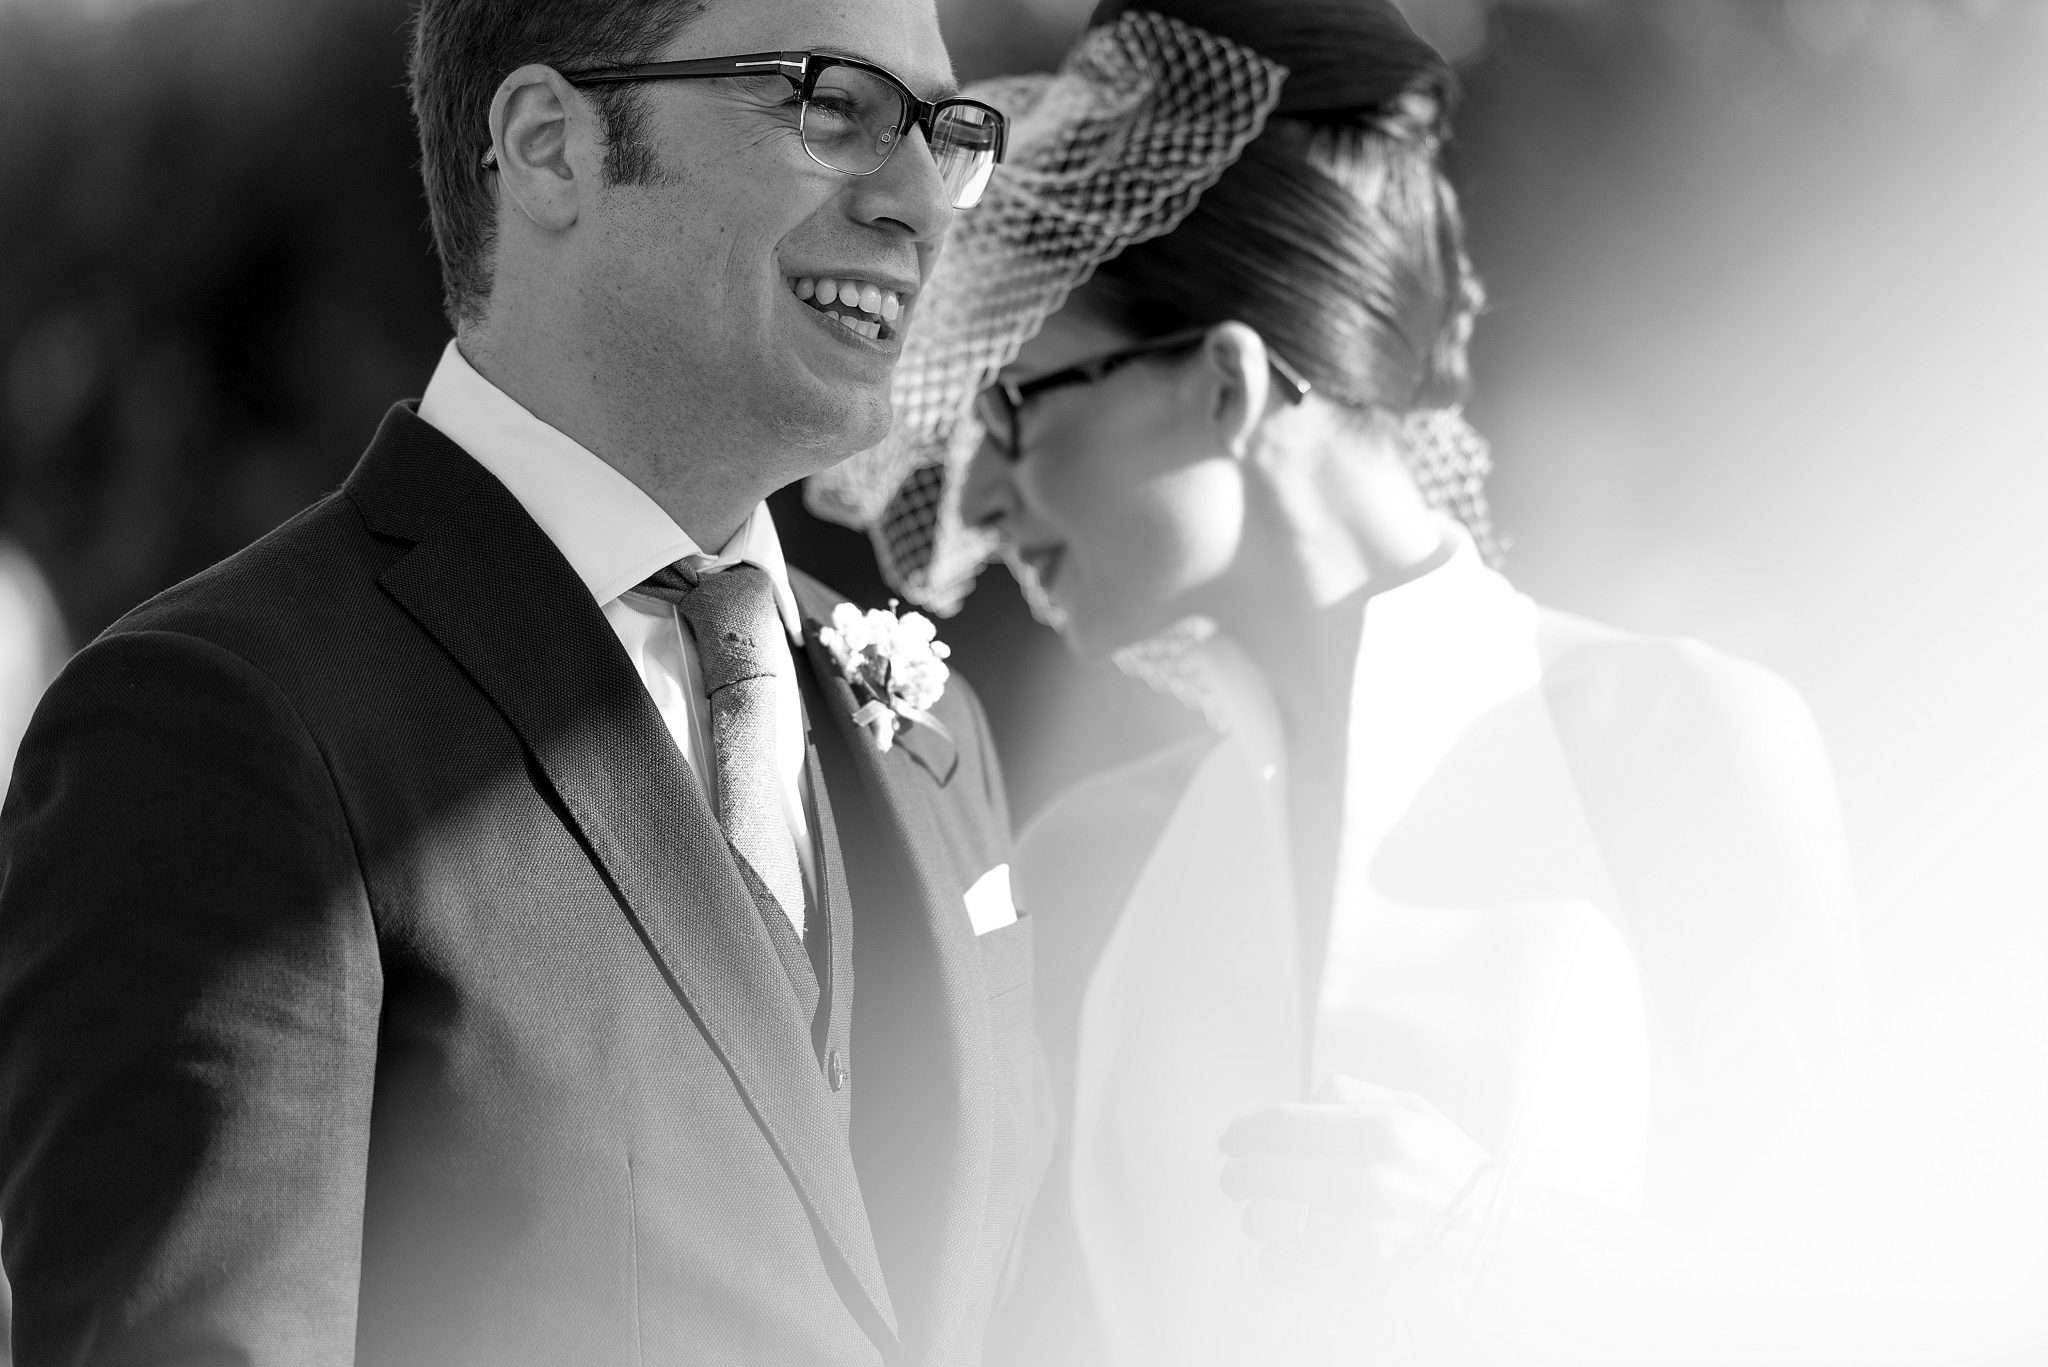 Fotografia sposo felice al matrimonio realizzata da Barbara Trincone fotografa con studio a Pozzuoli Napoli, specializzata in wedding reportage